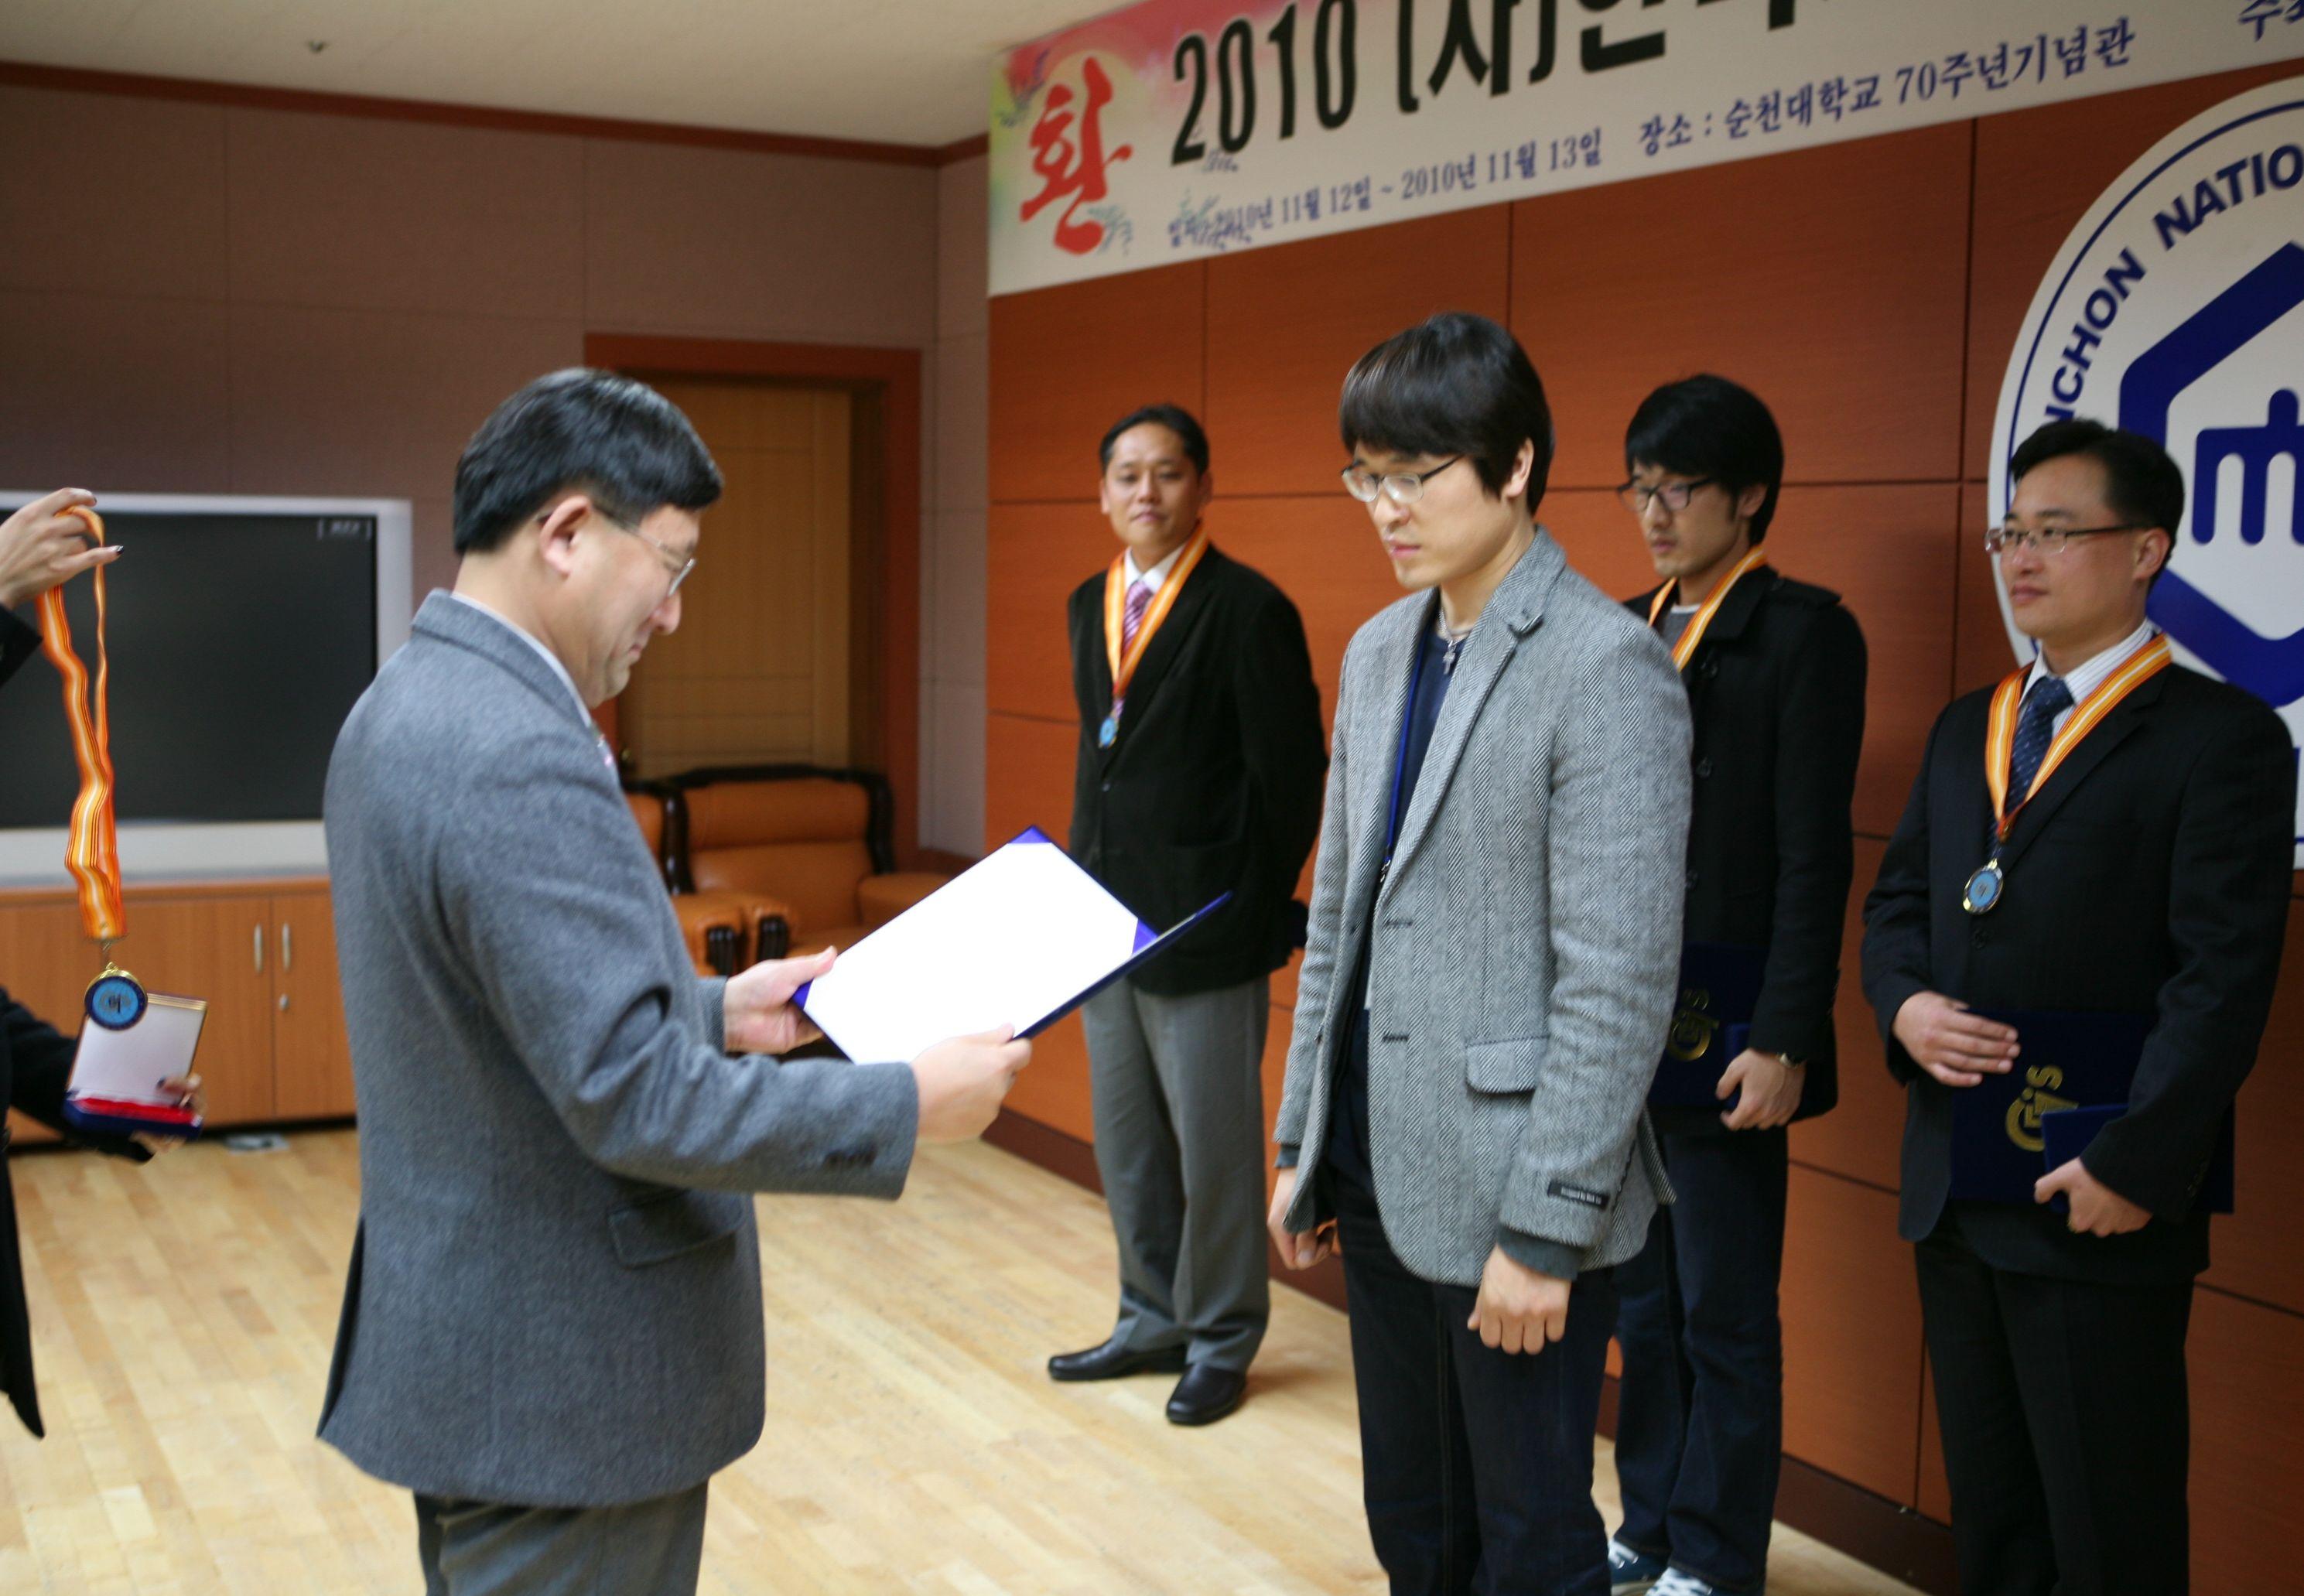 2010추계학술대회 227.jpg